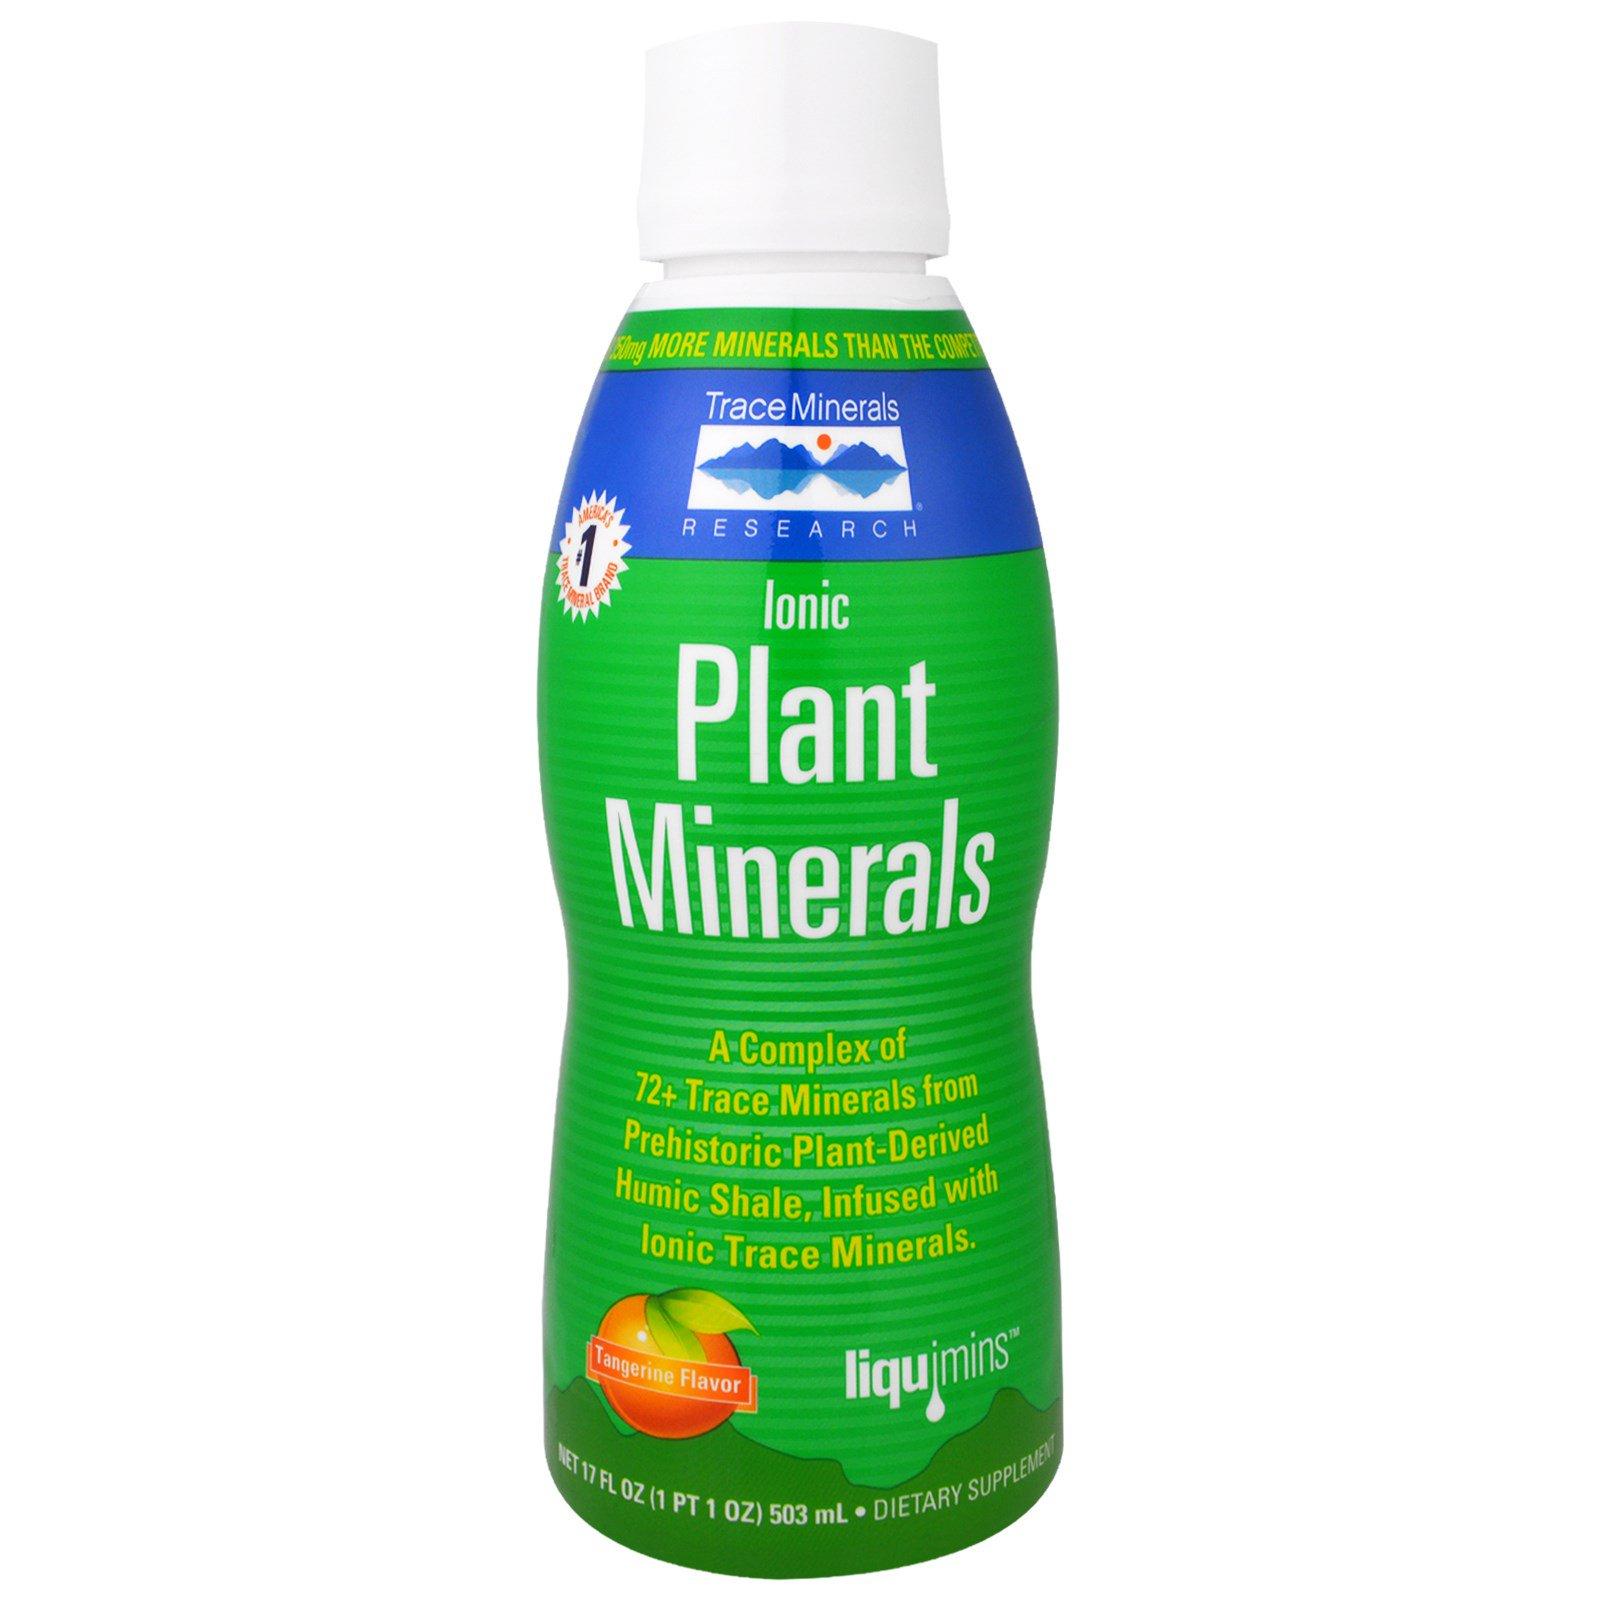 Trace Minerals Research, Ионные Растительные Минералы, Вкус Мандарина, 17 жидких унций (503 мл)